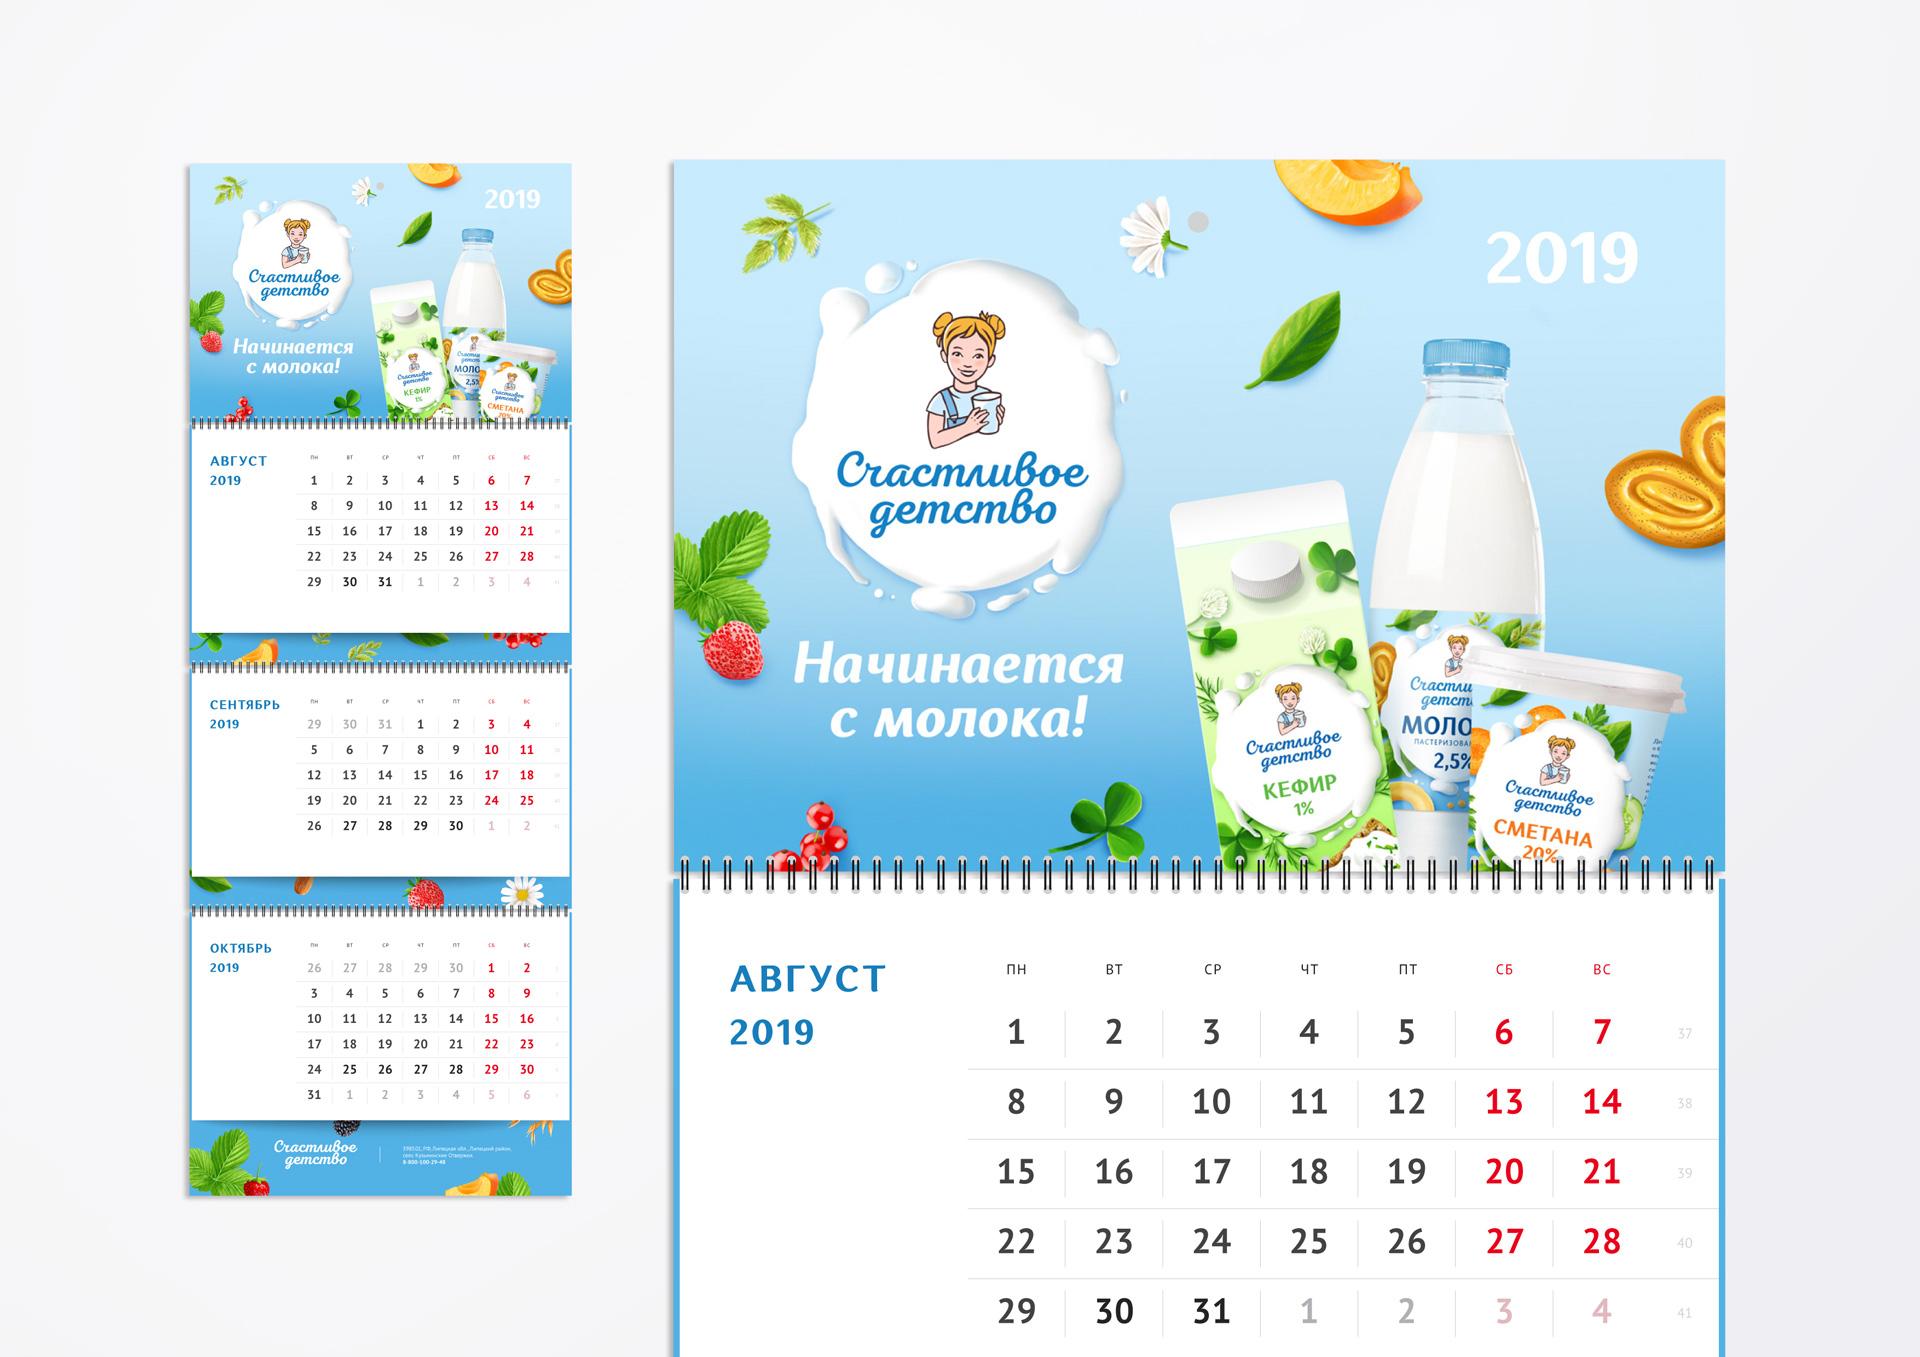 Дизайн календарей «Счастливое детство» способствует росту капитала бренда